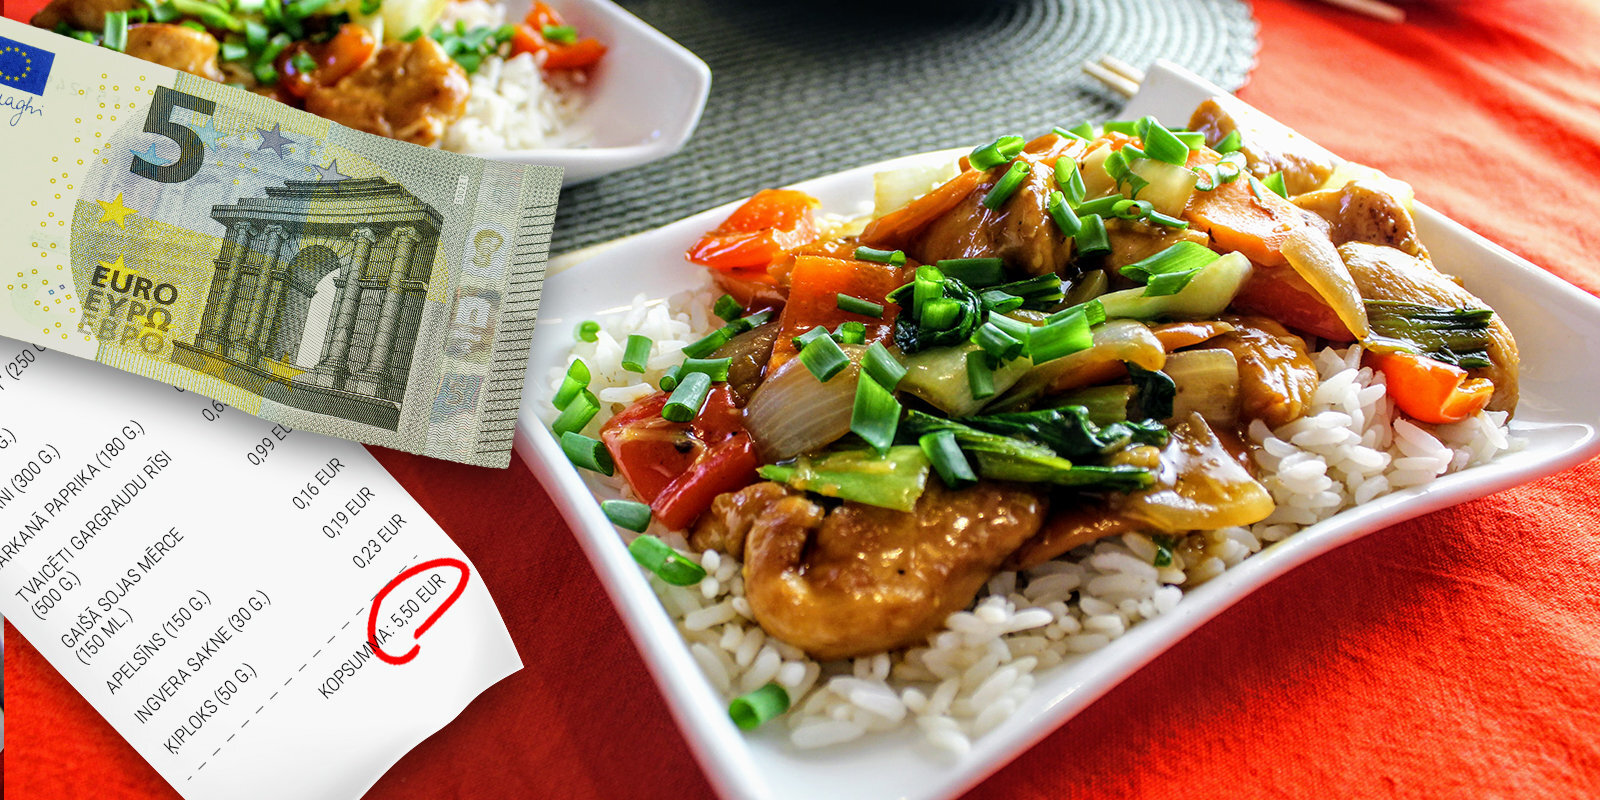 Как в ресторане: простой и вкусный ужин в азиатском стиле на всю семью за 5 евро